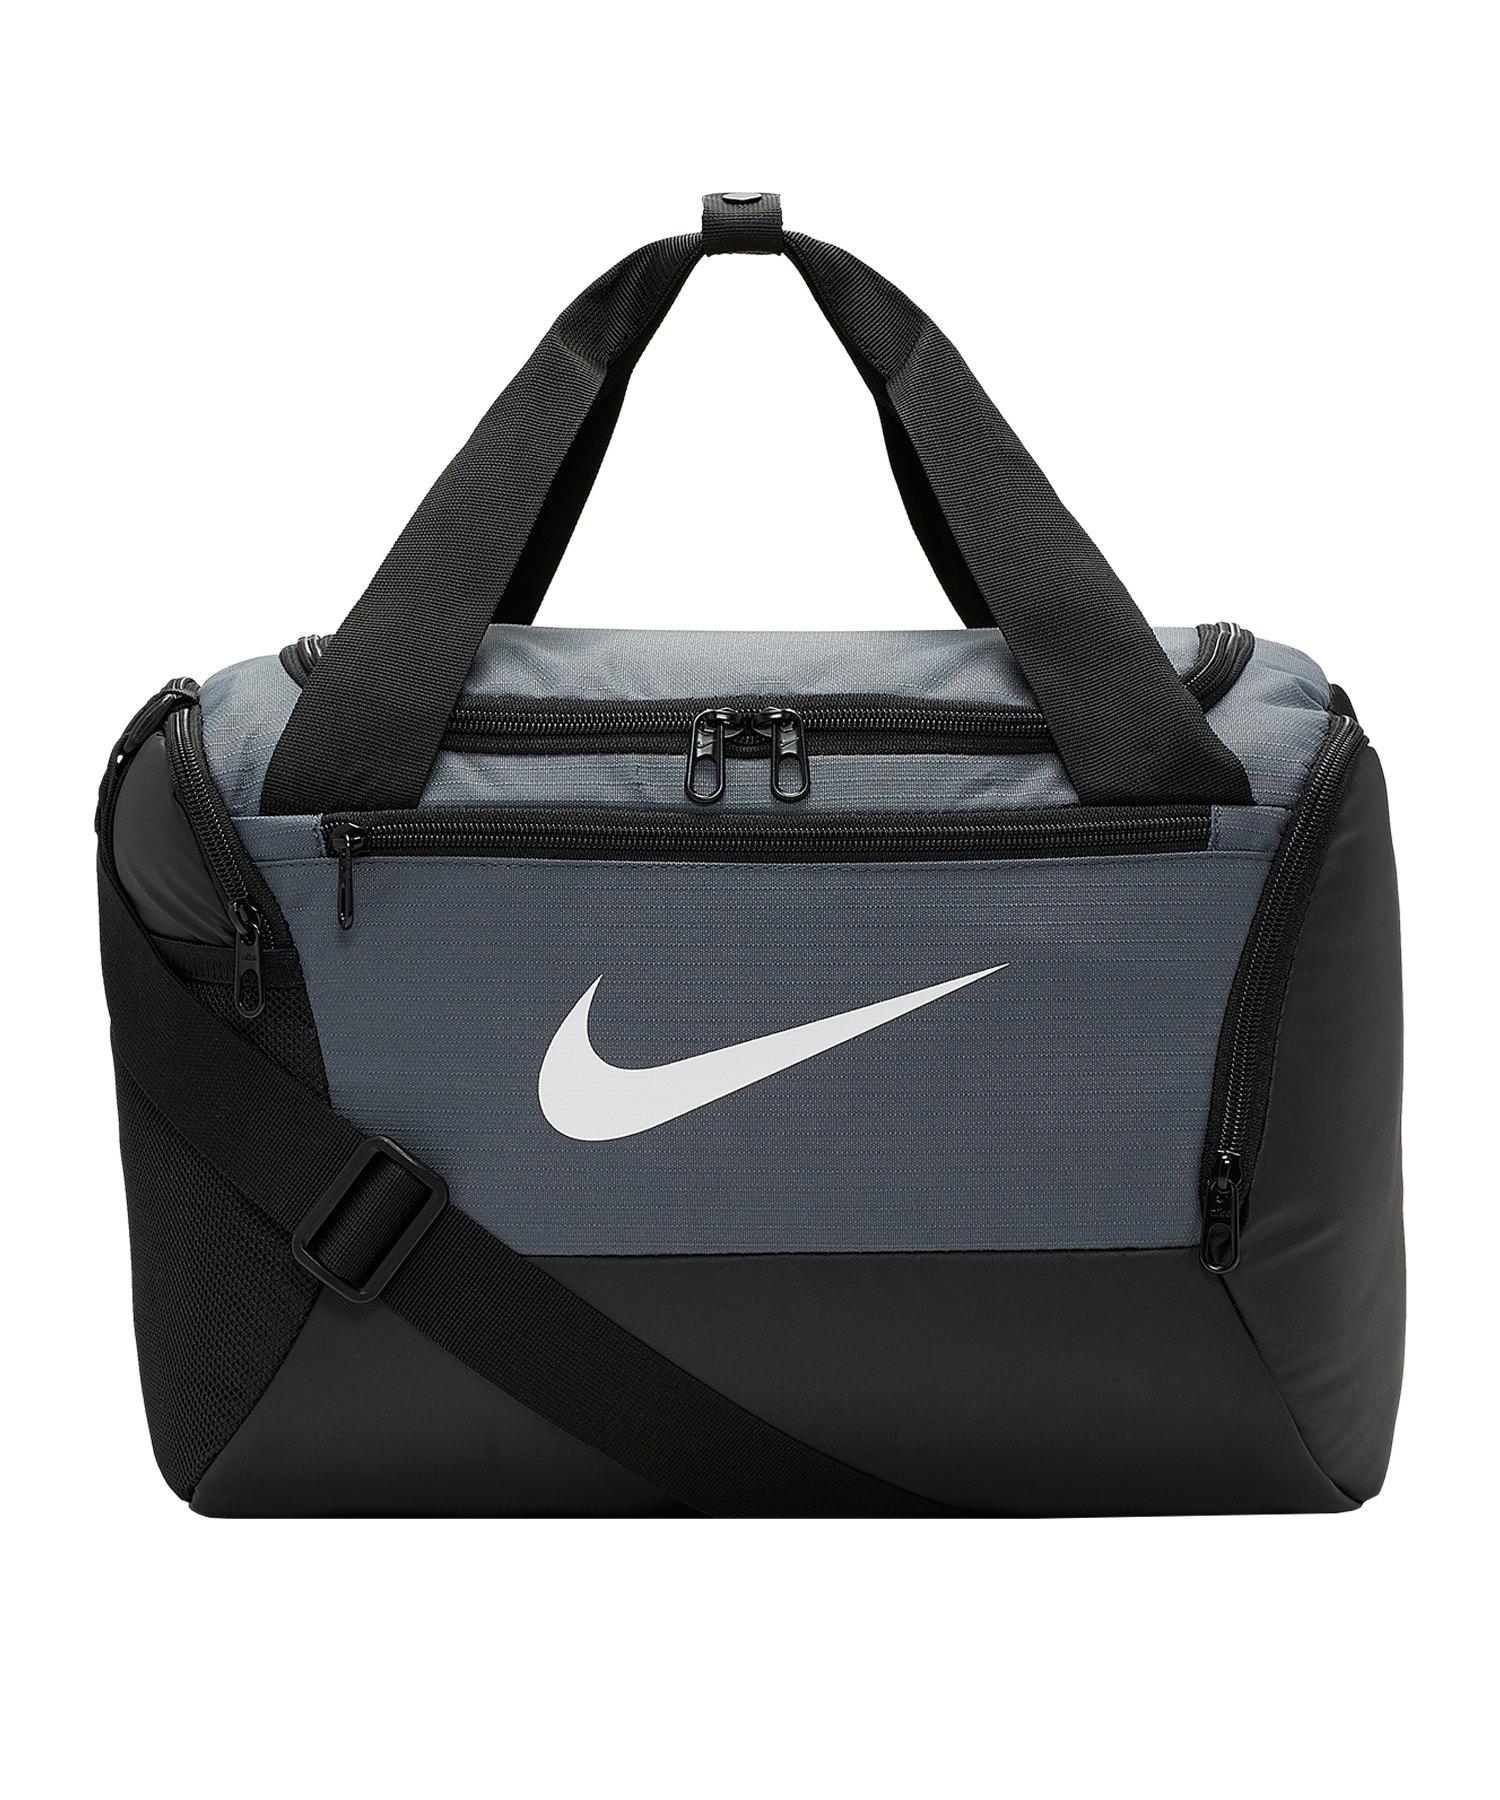 Nike Brasilia Training Tasche Small Grau F026 - grau